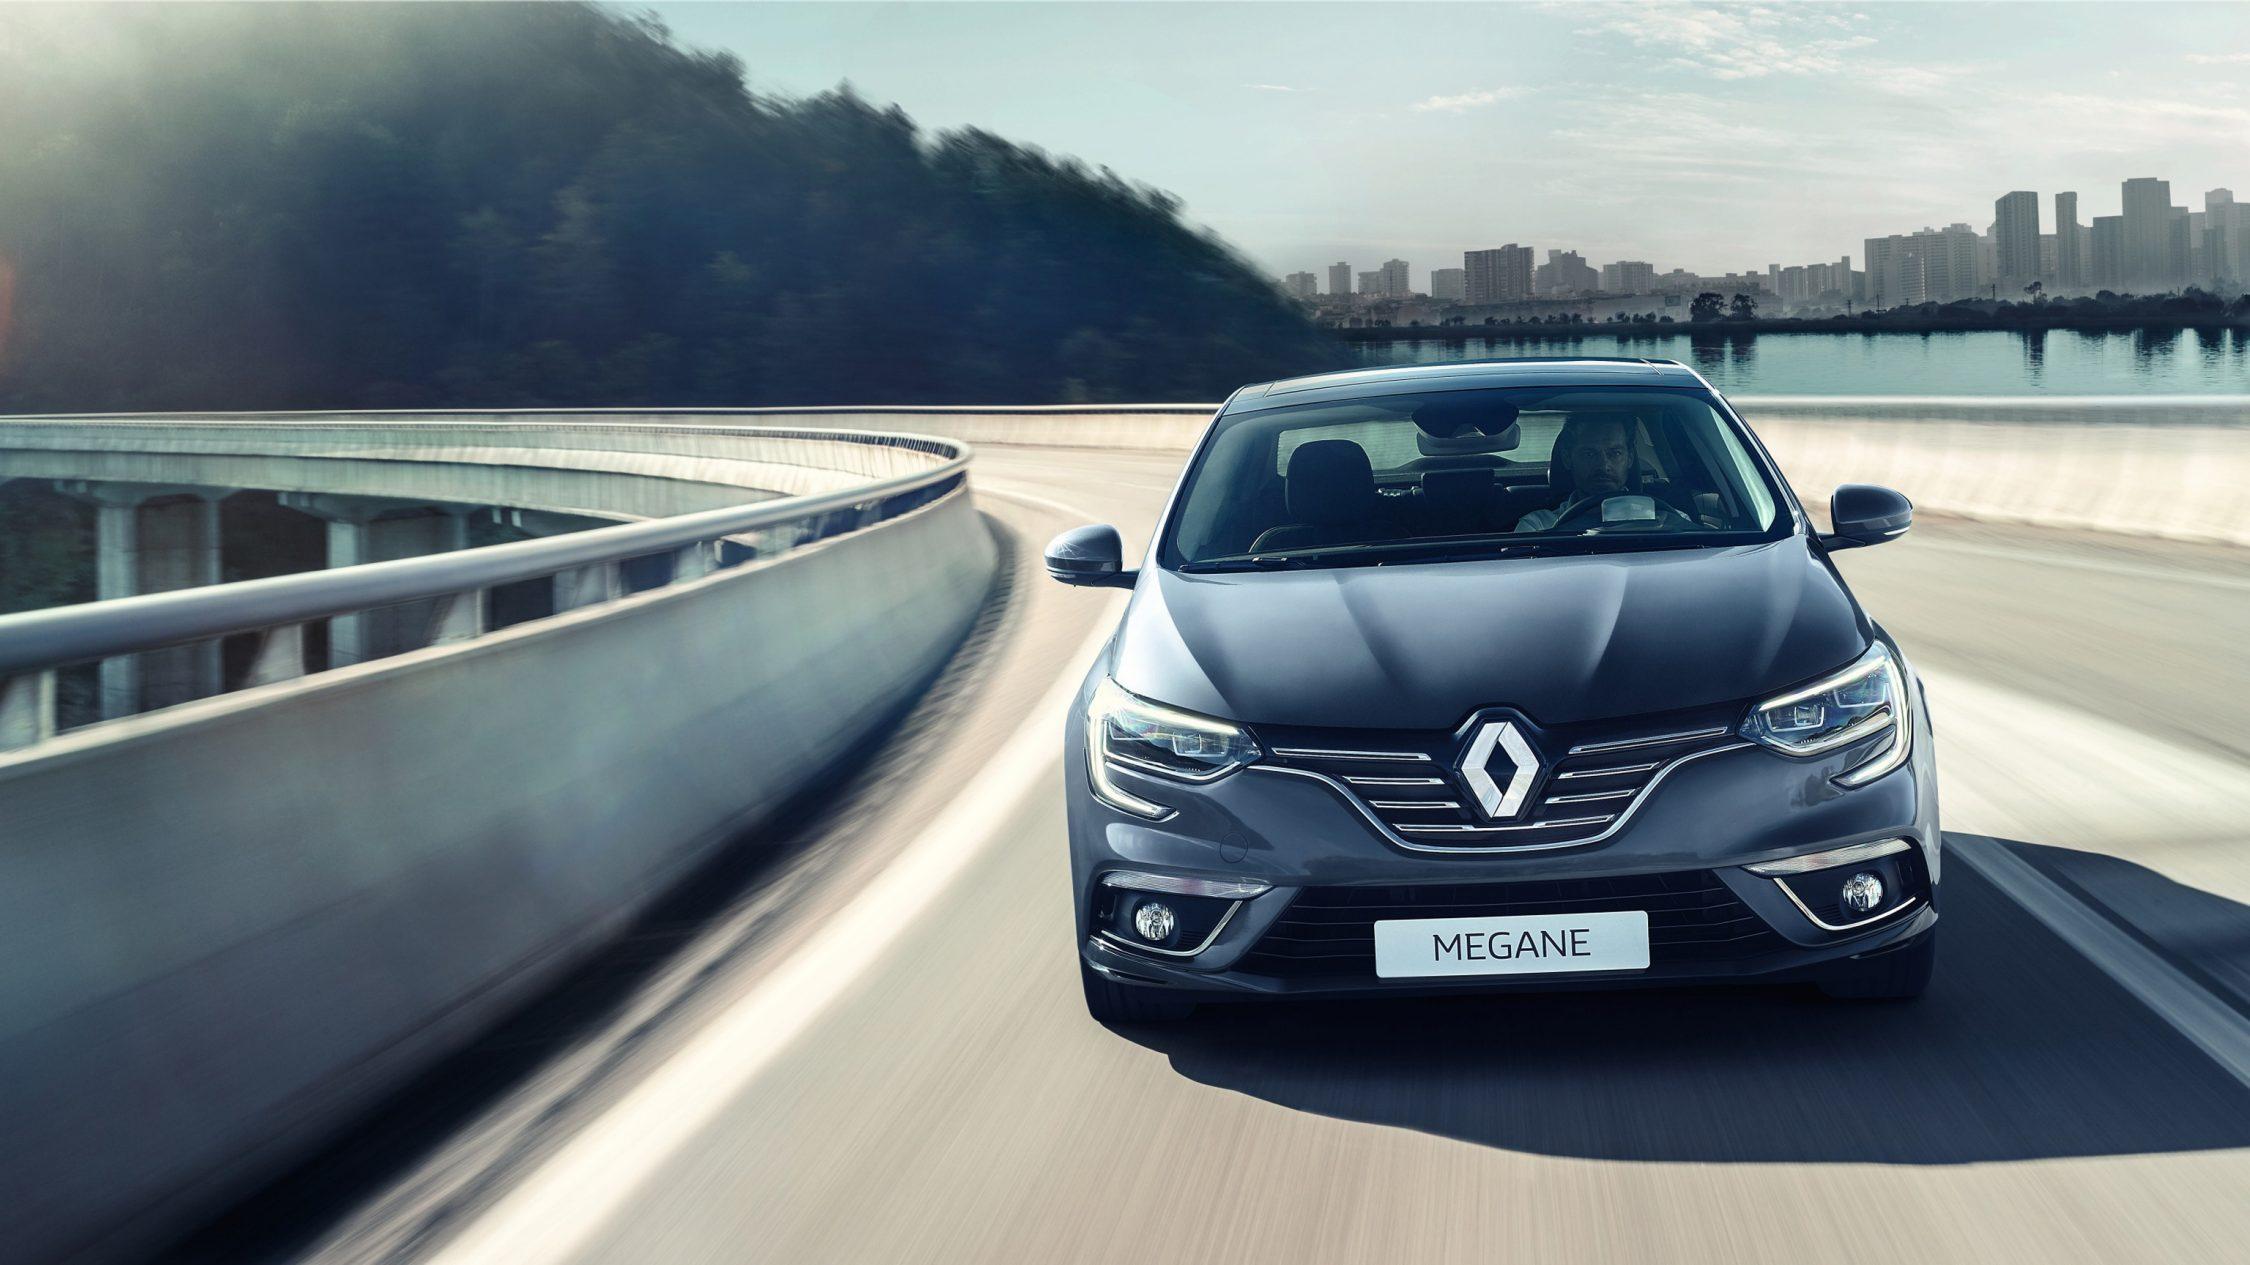 Yeni MEGANE Sedan, TALISMAN ve Yeni MEGANE HB modellerine özel fırsatlar